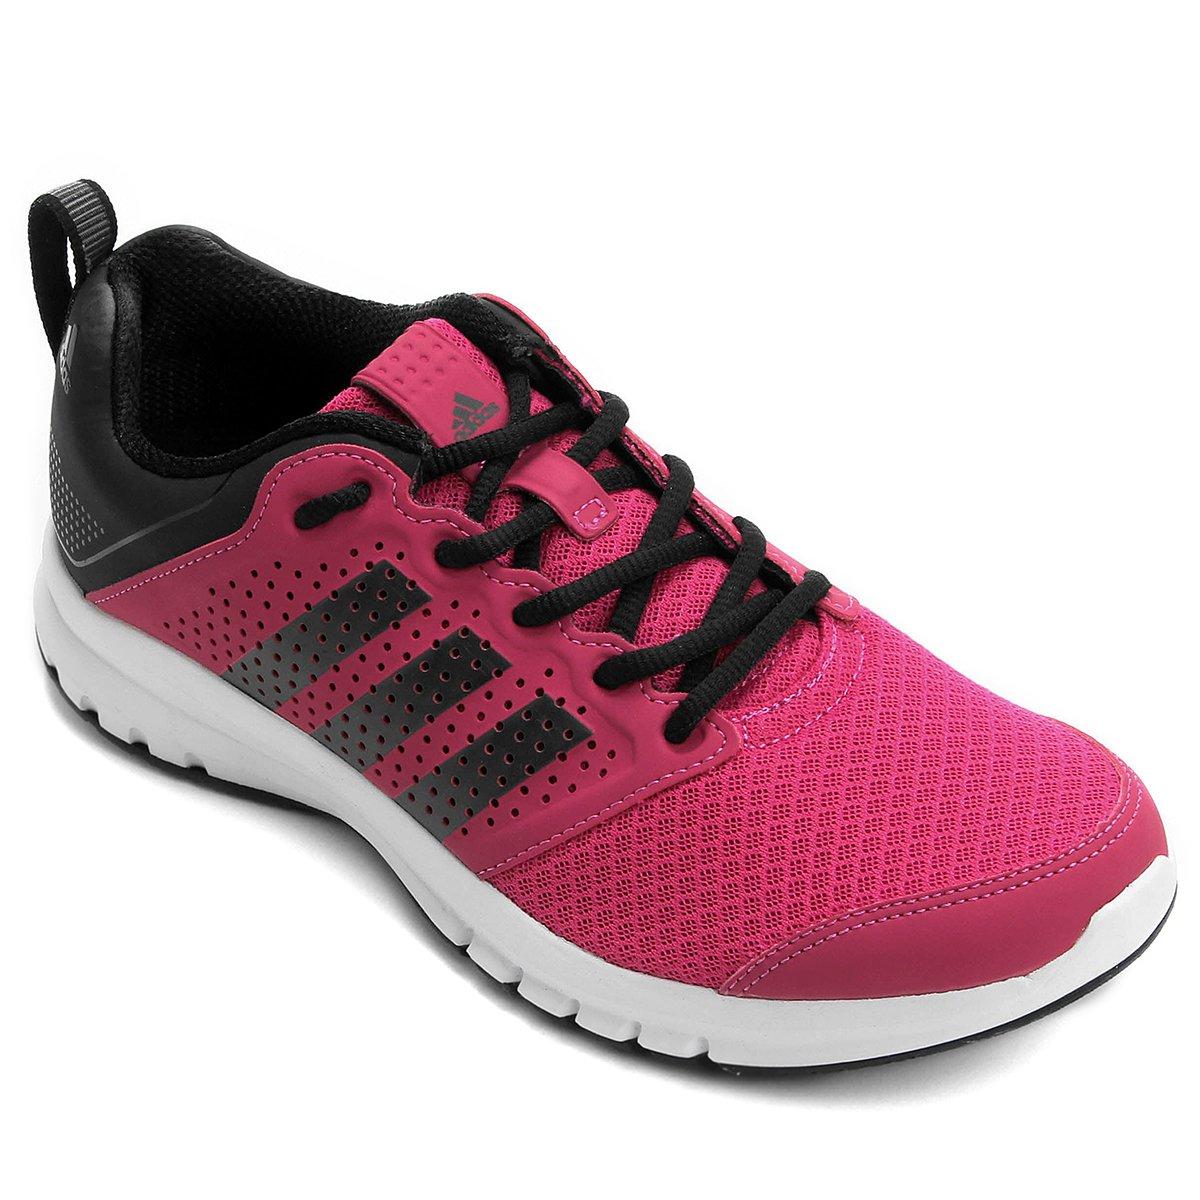 55248428051 Tênis Adidas Madoru Feminino - Compre Agora